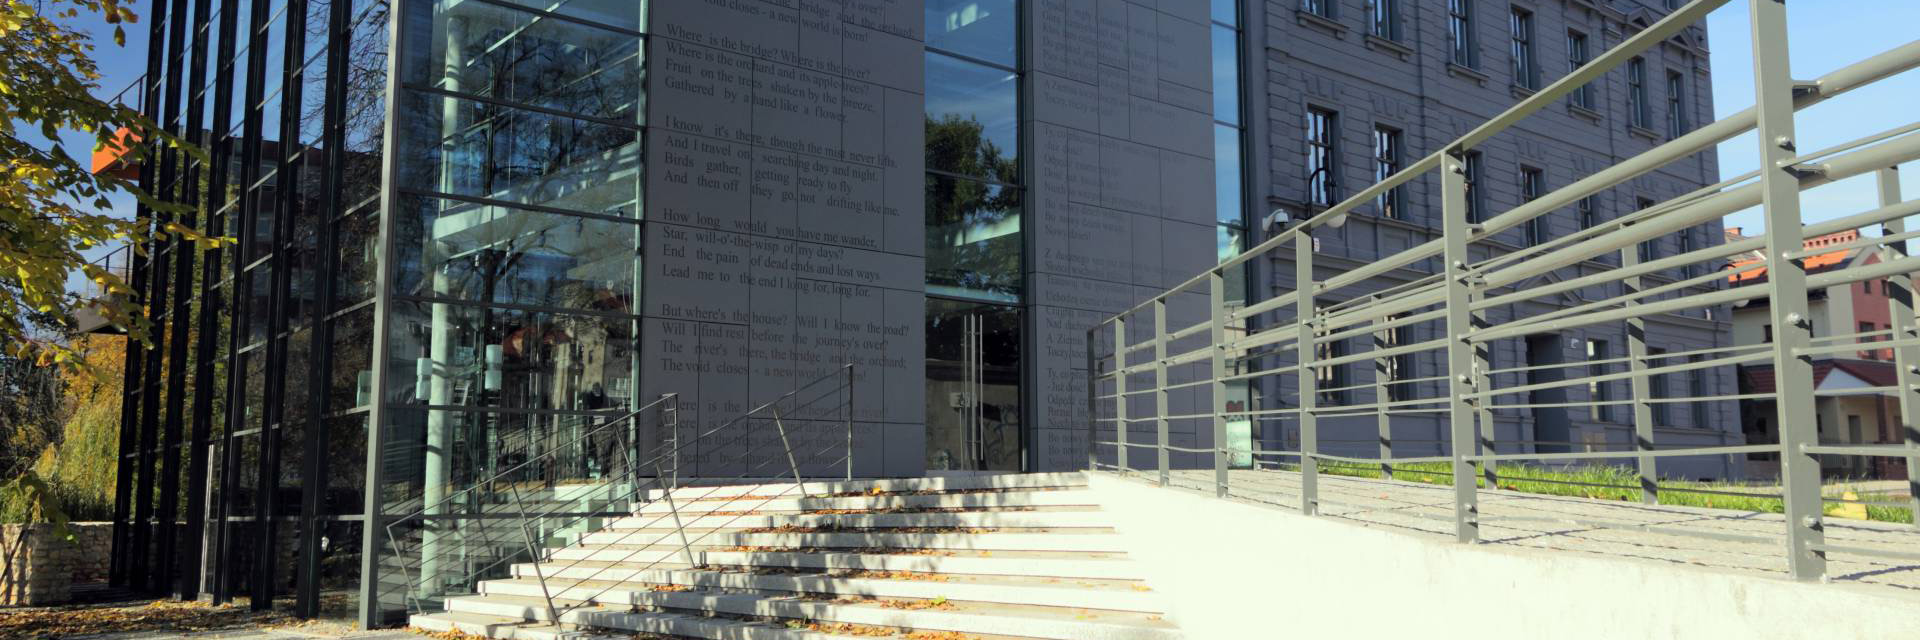 Nabór zakończony! MBP Opole poszukuje kandydata do pracy na stanowisku młodszego bibliotekarza